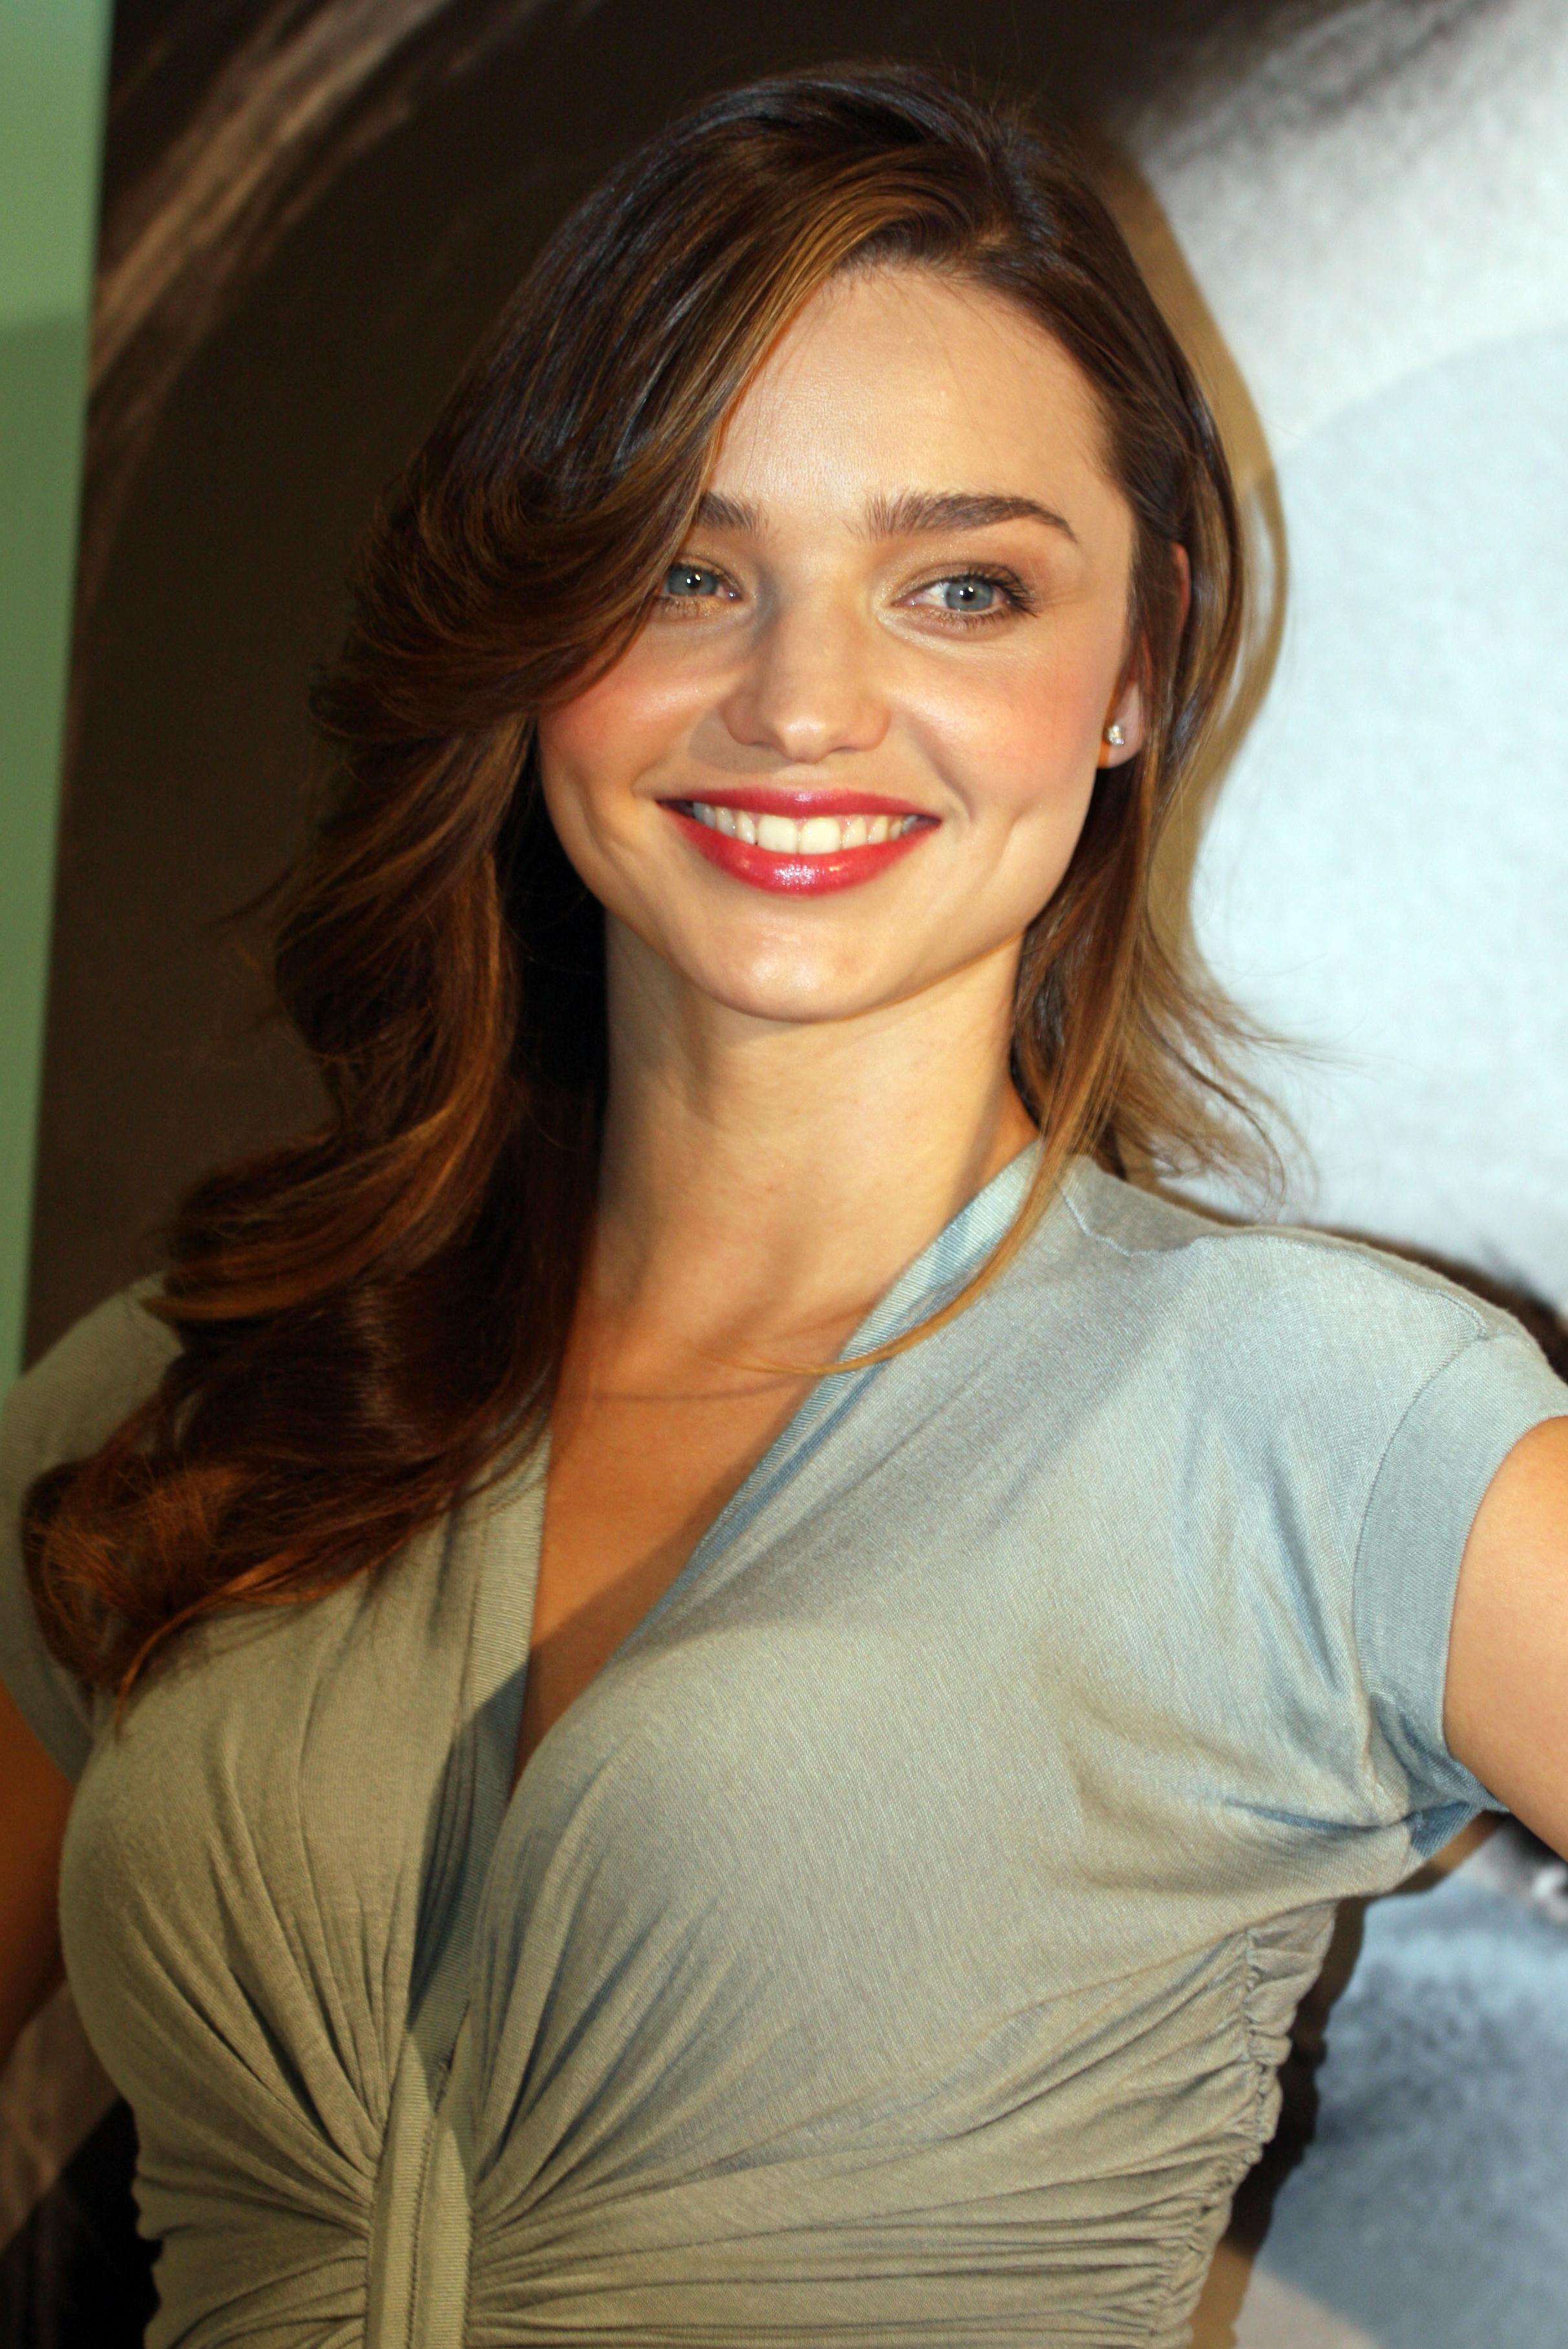 Miranda kerr nude pirelli shoot - 4 2